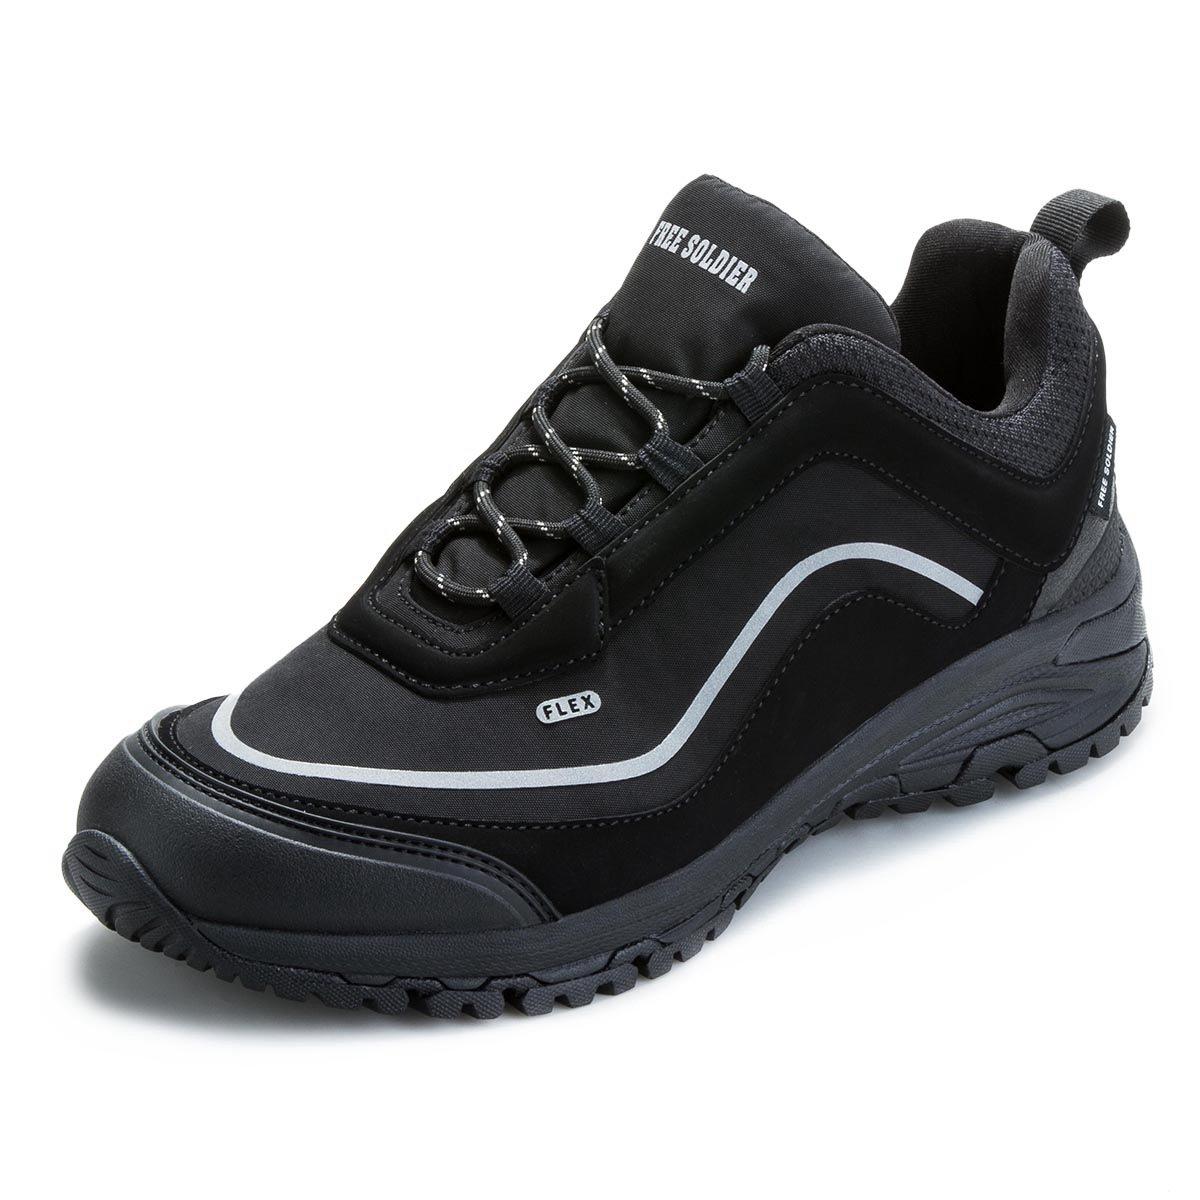 FREE SOLDIER Herren Wanderschuhe Bergwanderschuhe Taktische Militär Wasserabweisende Schuhe